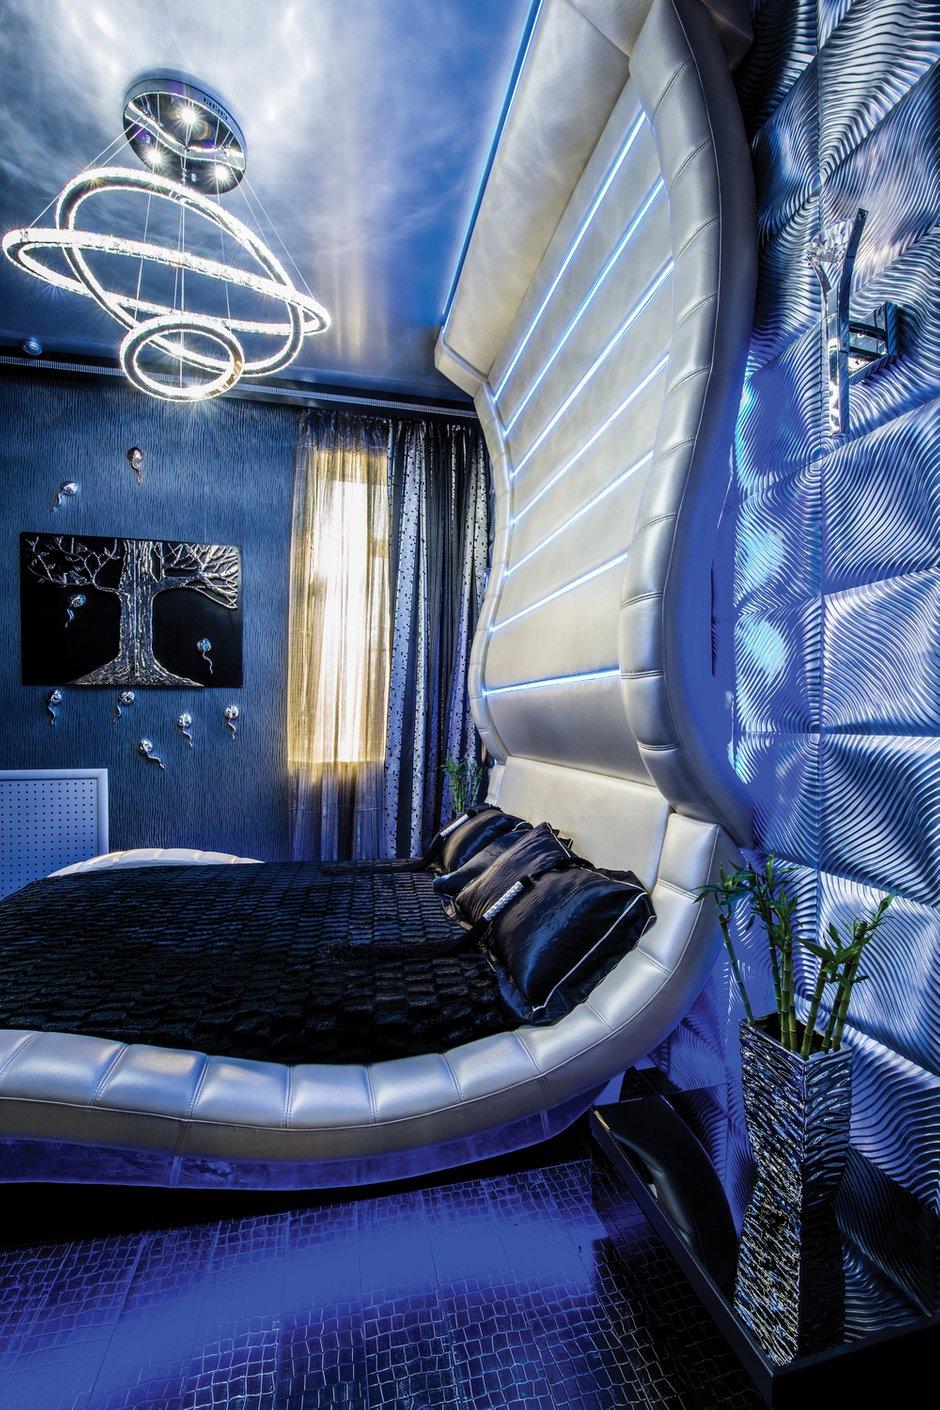 Фотография: Спальня в стиле Хай-тек, Квартира, Дома и квартиры, Интерьеры звезд, Проект недели, Москва – фото на INMYROOM